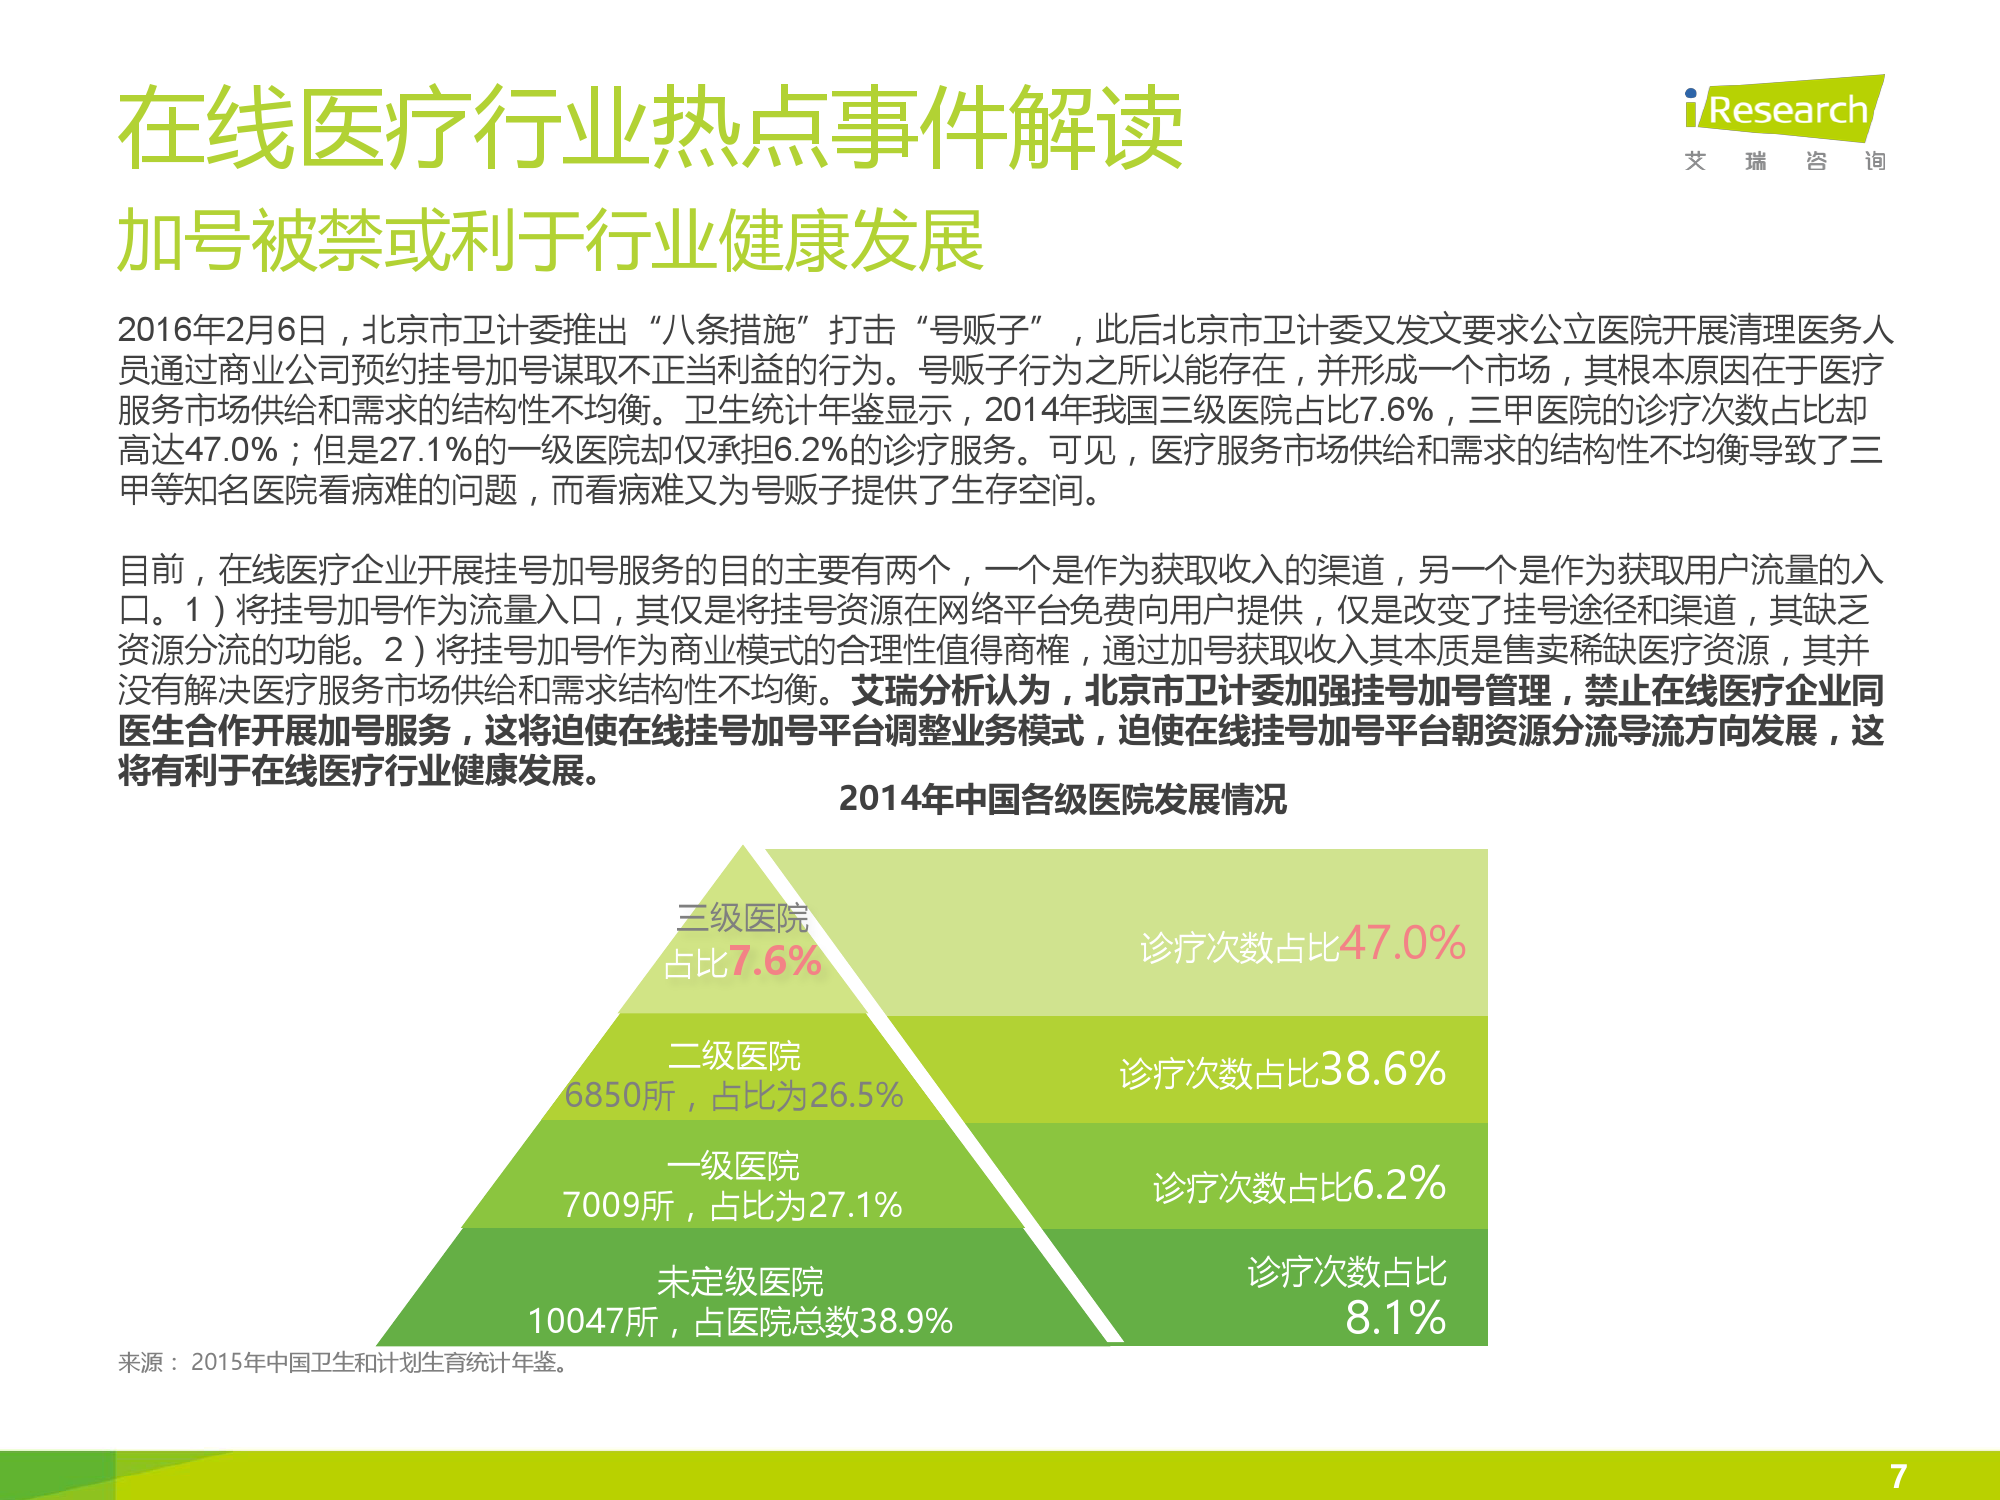 2016年中国在线医疗行业数据监测报告_000007